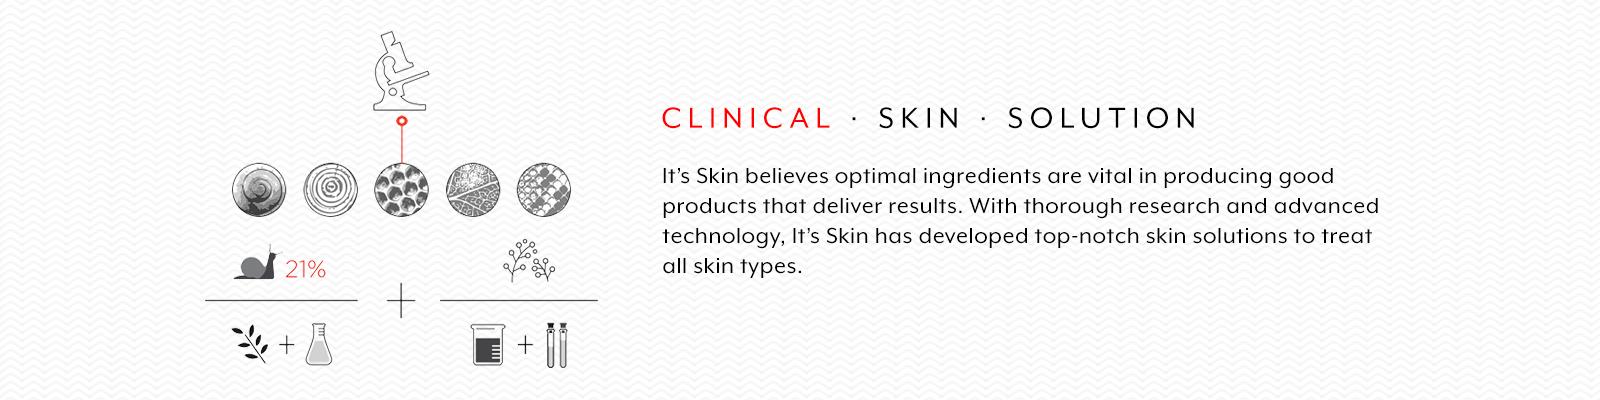 It's Skin Brand Philosophy